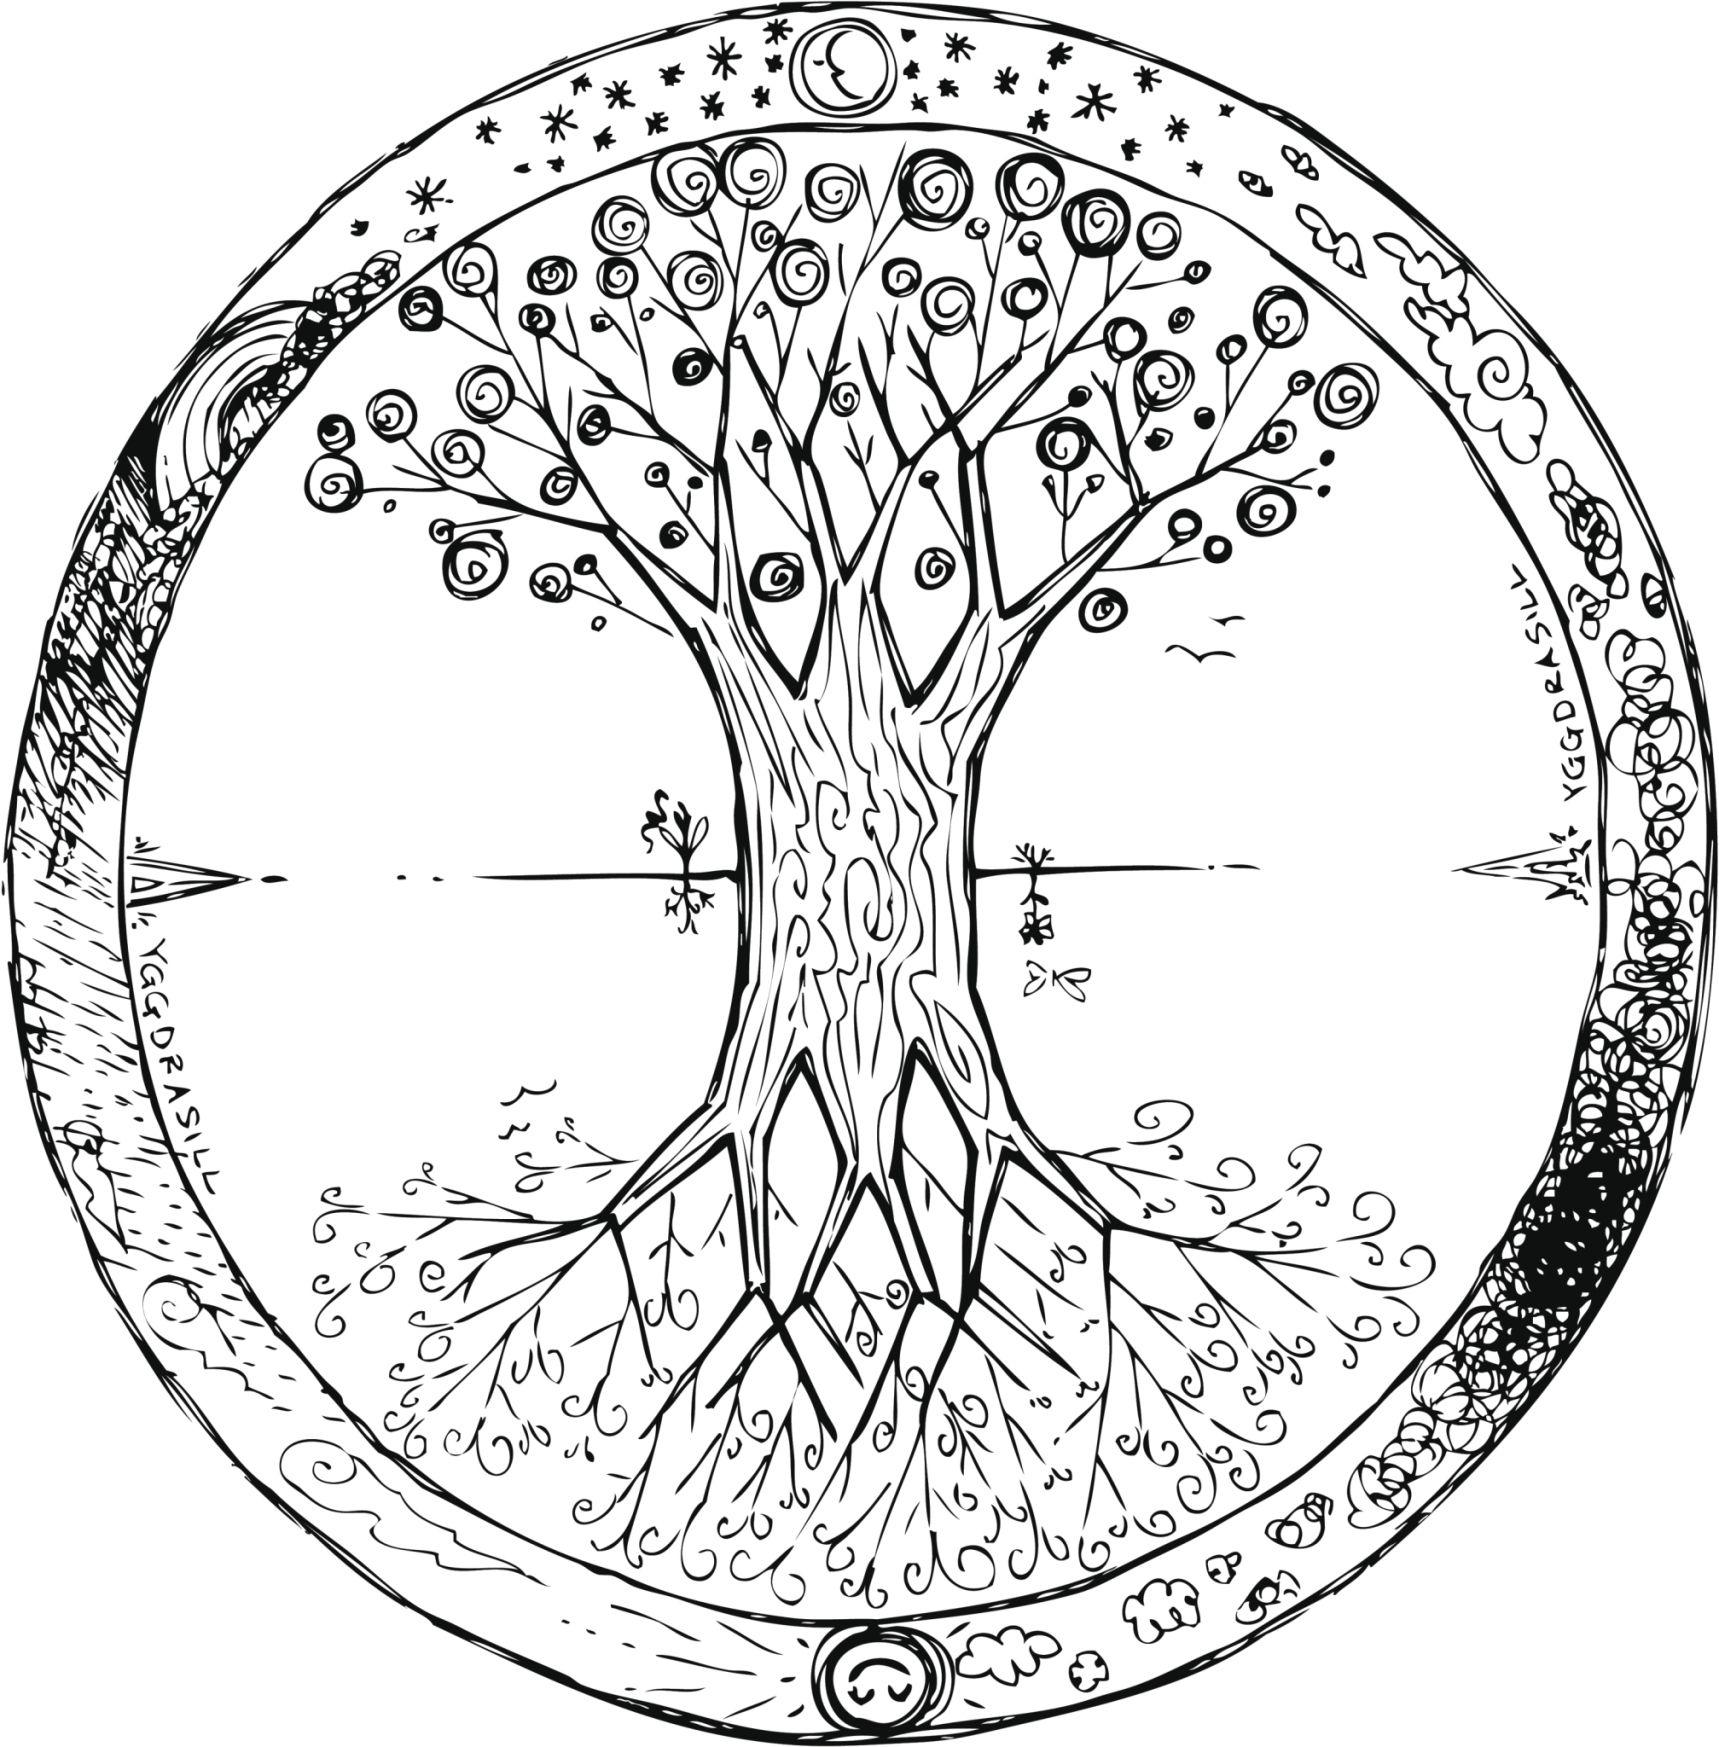 Mandalas para colorear, meditacion | Cordillera, Meditación y Mandalas